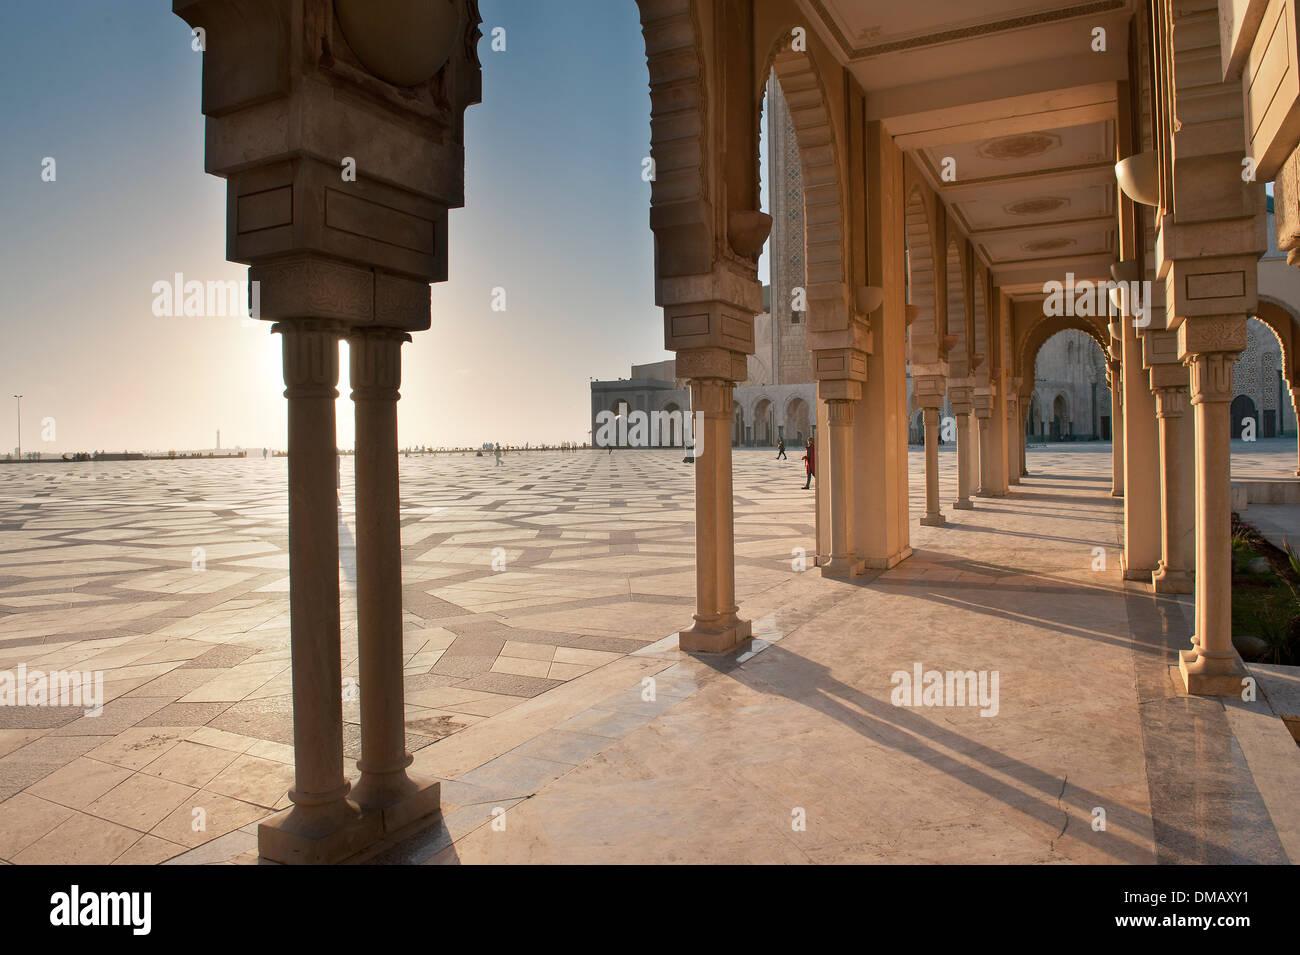 Esterno della moschea di Hassan II, Casablanca, Marocco, Africa Immagini Stock